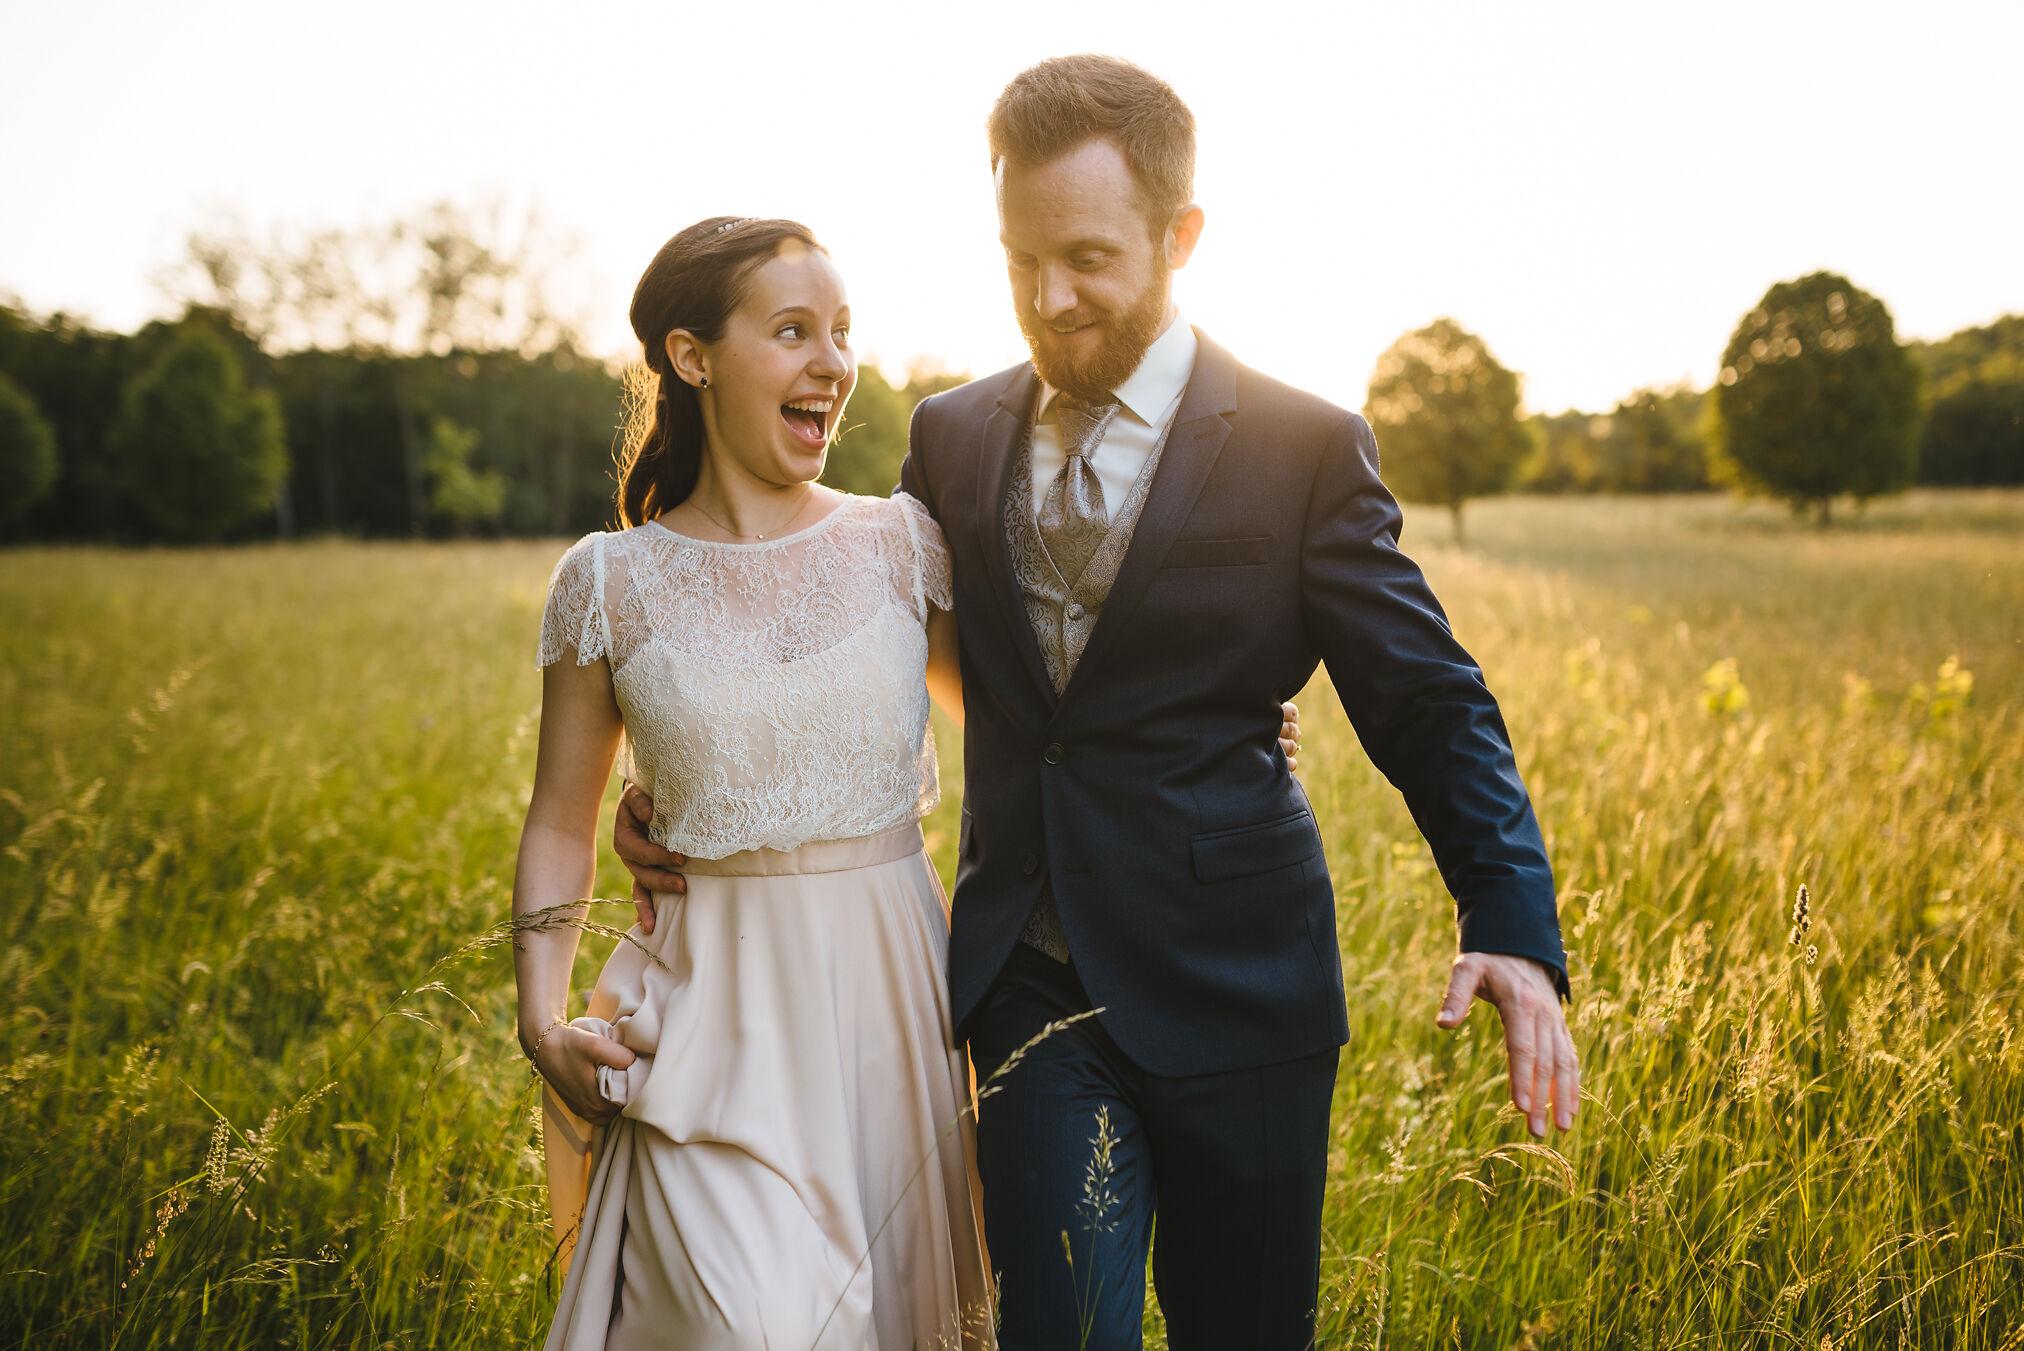 Hochzeit-Garten-Denoti-47.jpg